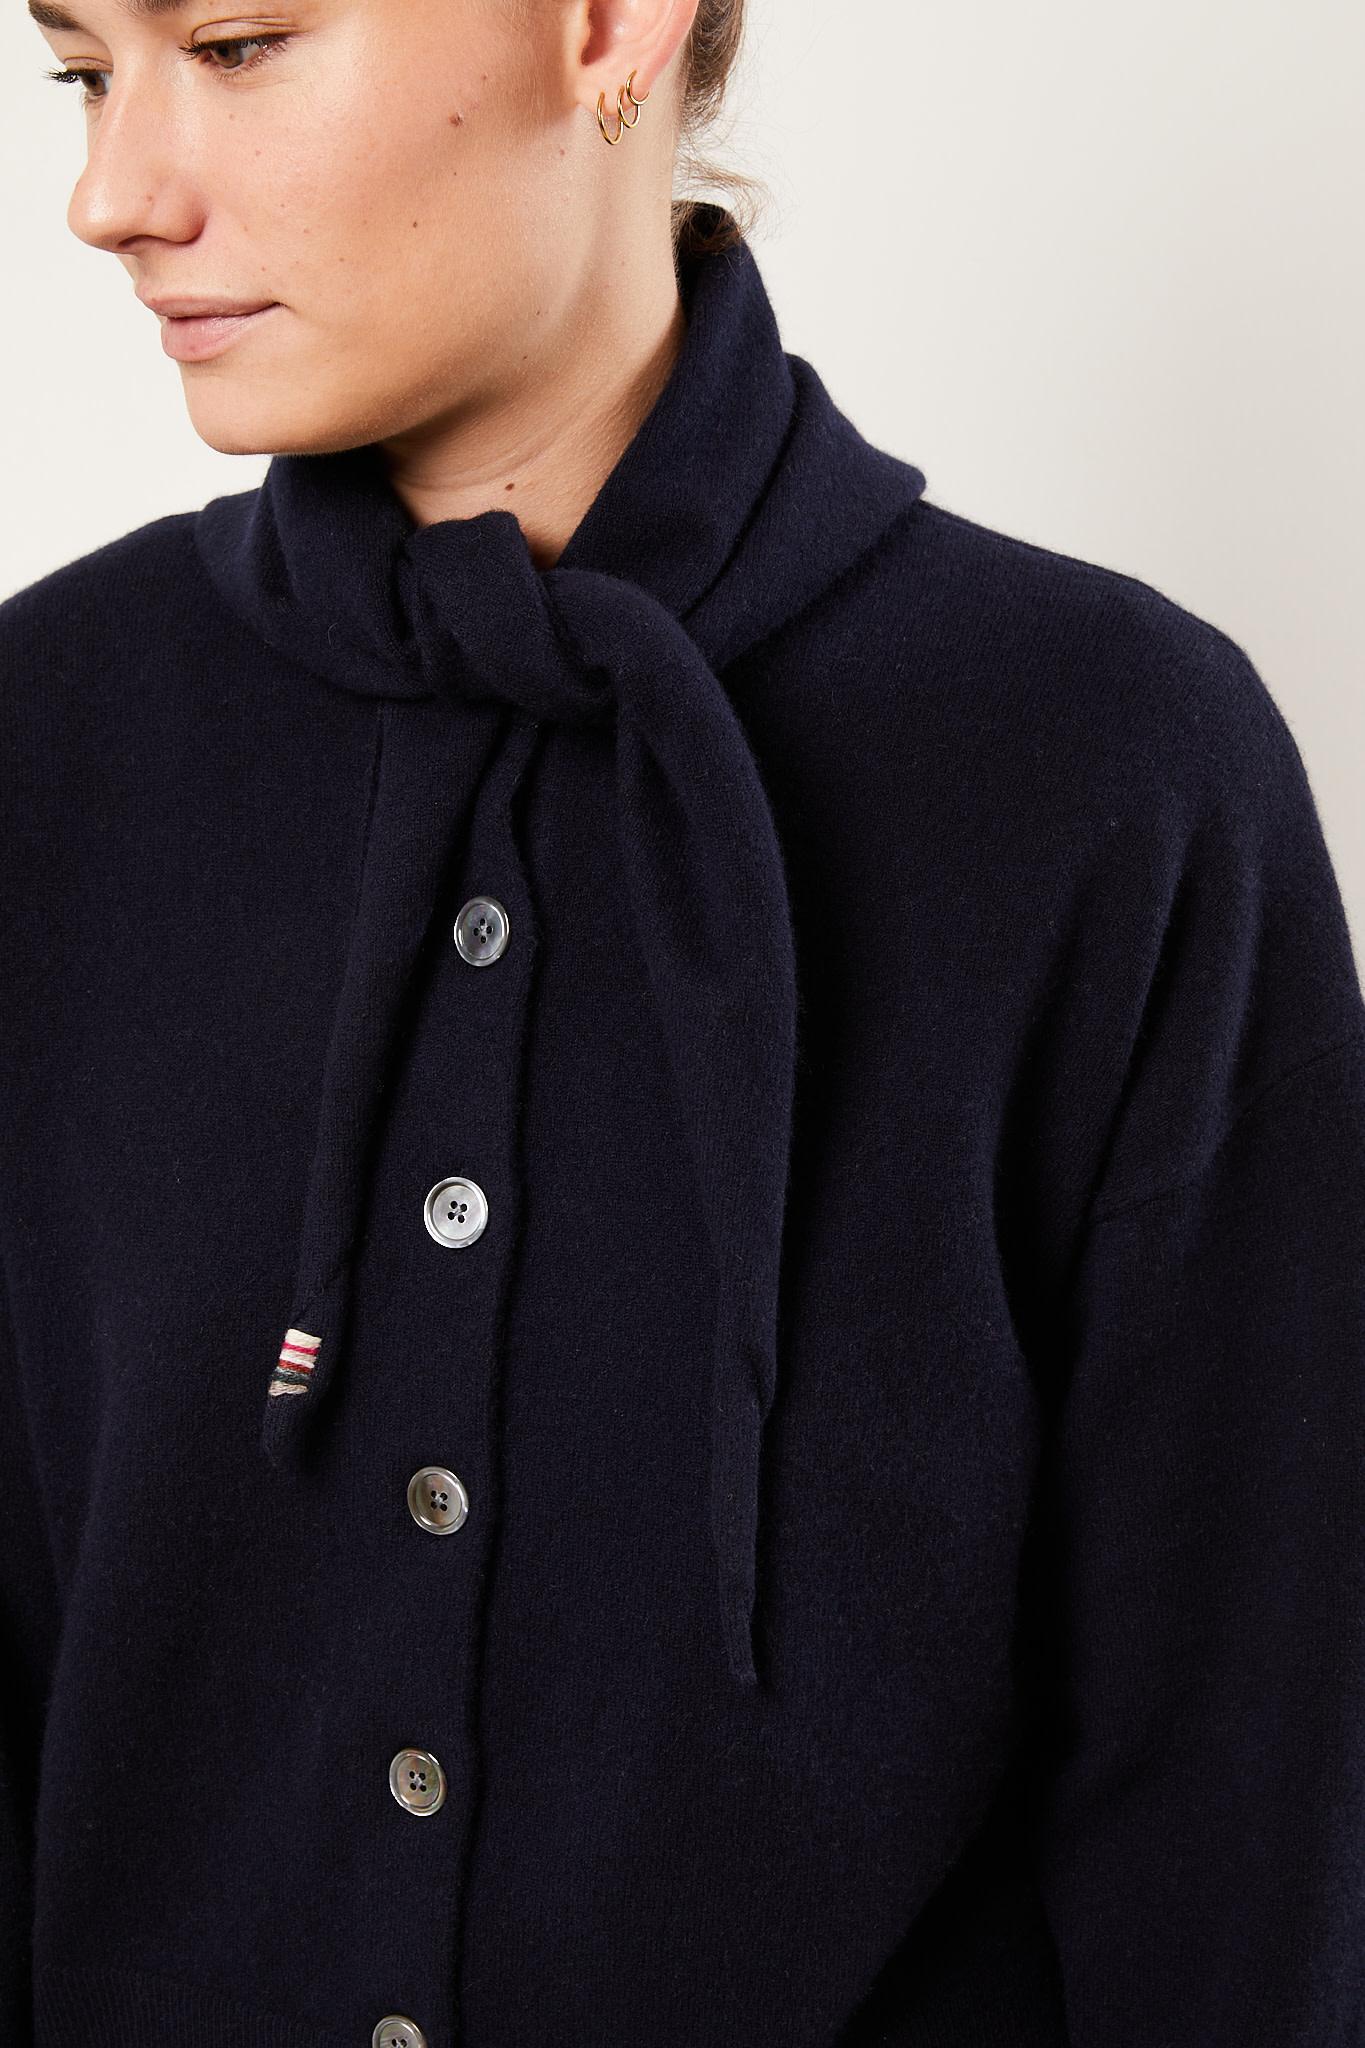 extreme cashmere - Bandana cashmere scarf